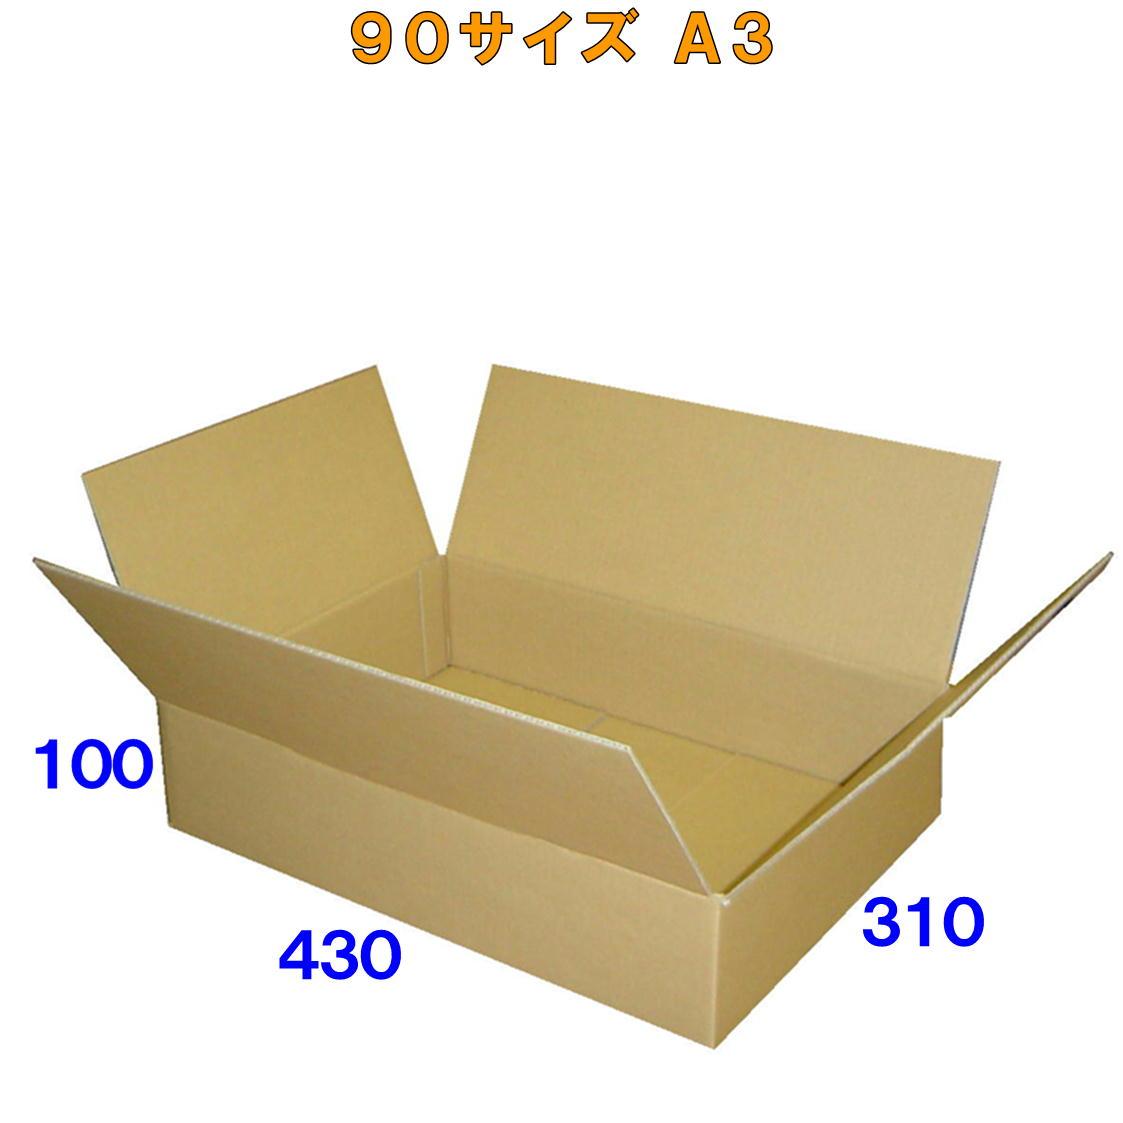 430×310×100 A3対応段ボール箱 3ミリ厚 宅急便 宅配便 ゆうパック100サイズダンボール 売れ筋 段ボール です 100 ギフト 底面 サイズ 90 箱 3ミリ厚※西濃運輸での配送となります※※沖縄と離島は対象外となります※ ダンボール 10枚 A3